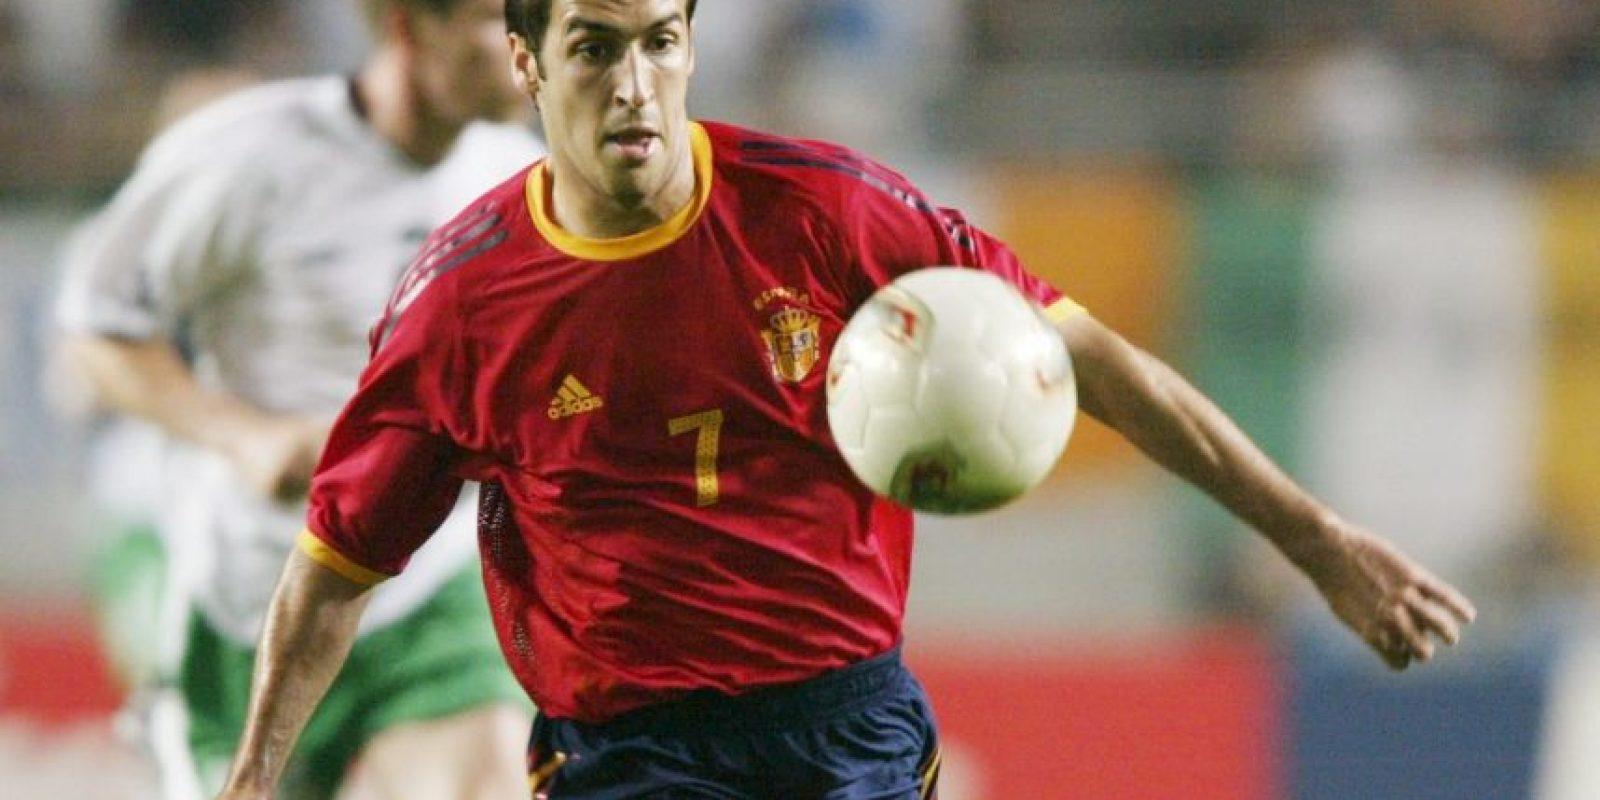 Otro de los jugadores que se cansó de ganar títulos con su club de siempre, el Real Madrid, pero que no tuvo el mismo éxito con España. Su máximo logro fueron los cuartos de final en la Eurocopa de Holanda-Bélgica 2000 y el Mundial de Corea del Sur-Japón 2002. Luego, tras su retiro en el Mundial de 2006, España conseguiría todos sus éxitos. Foto:Getty Images